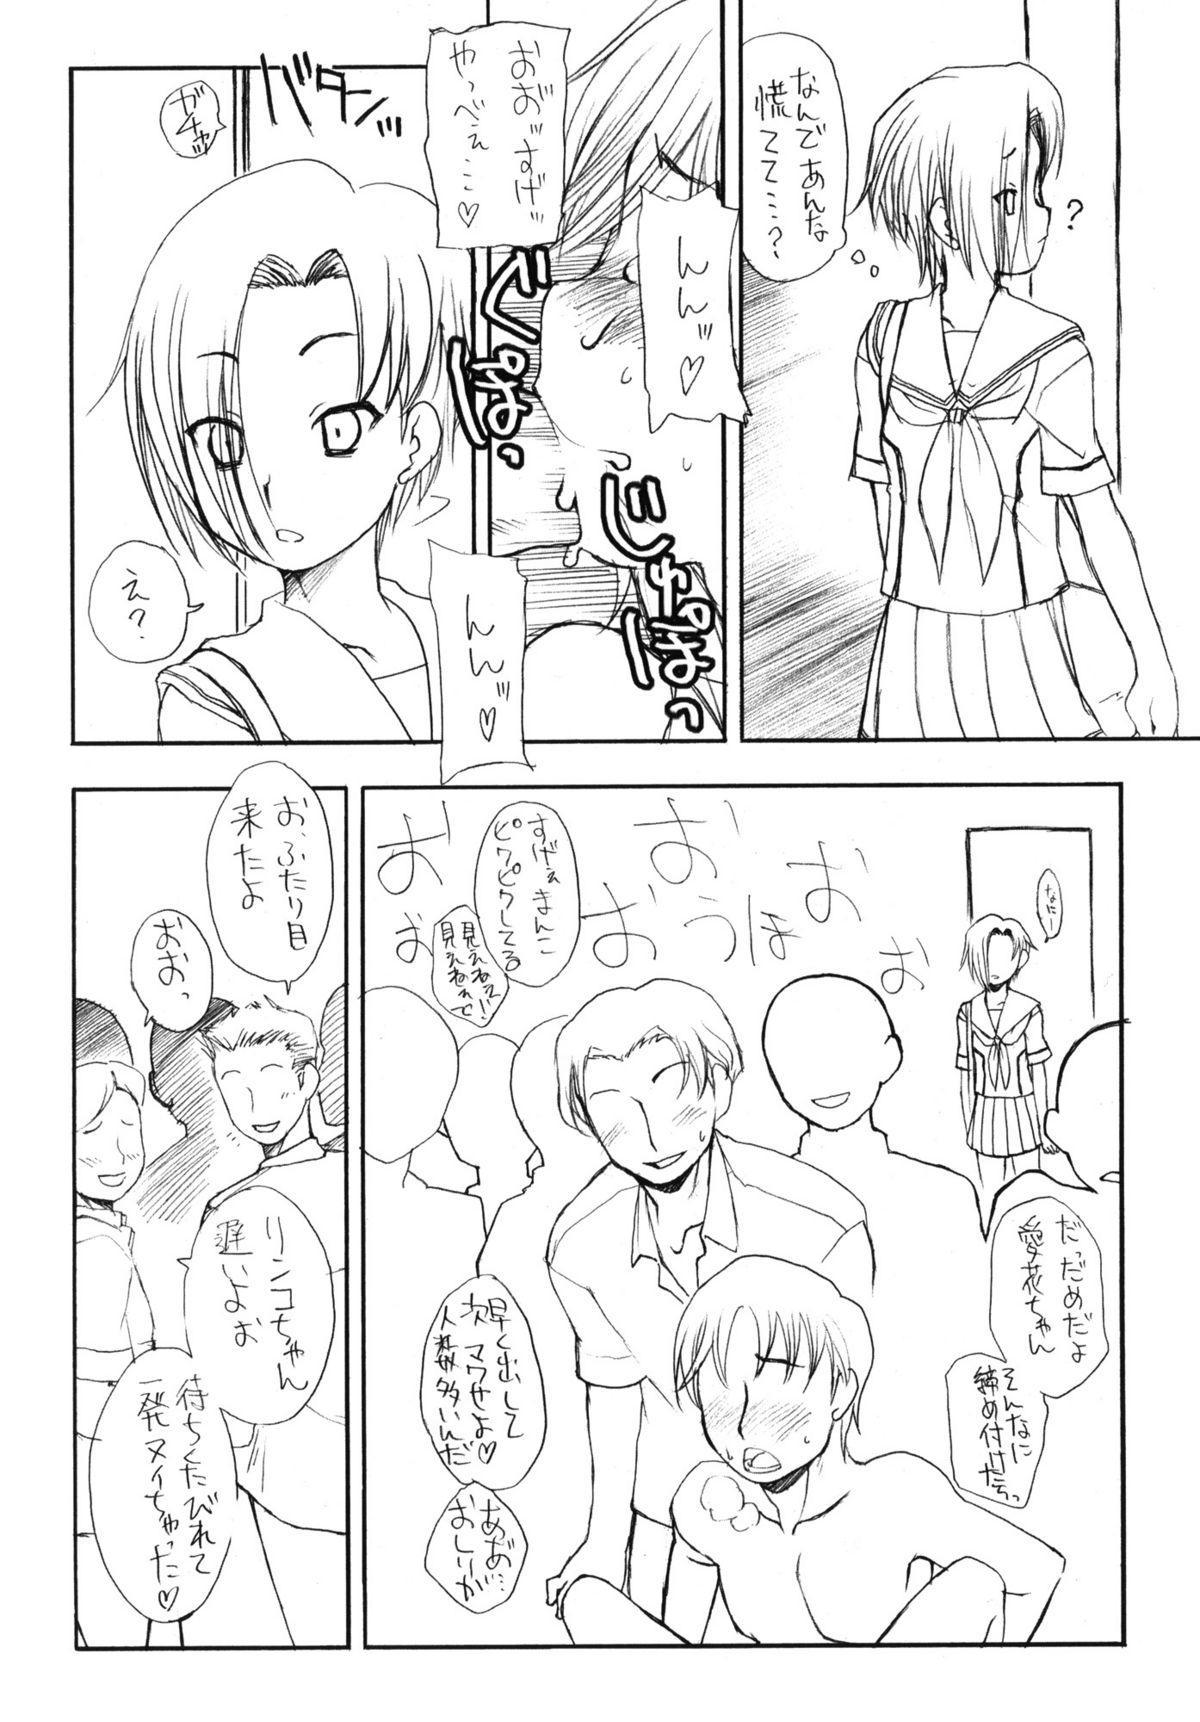 Rinko wa Nakadashi ga Ichiban Kanjirundesu. + Paper 6